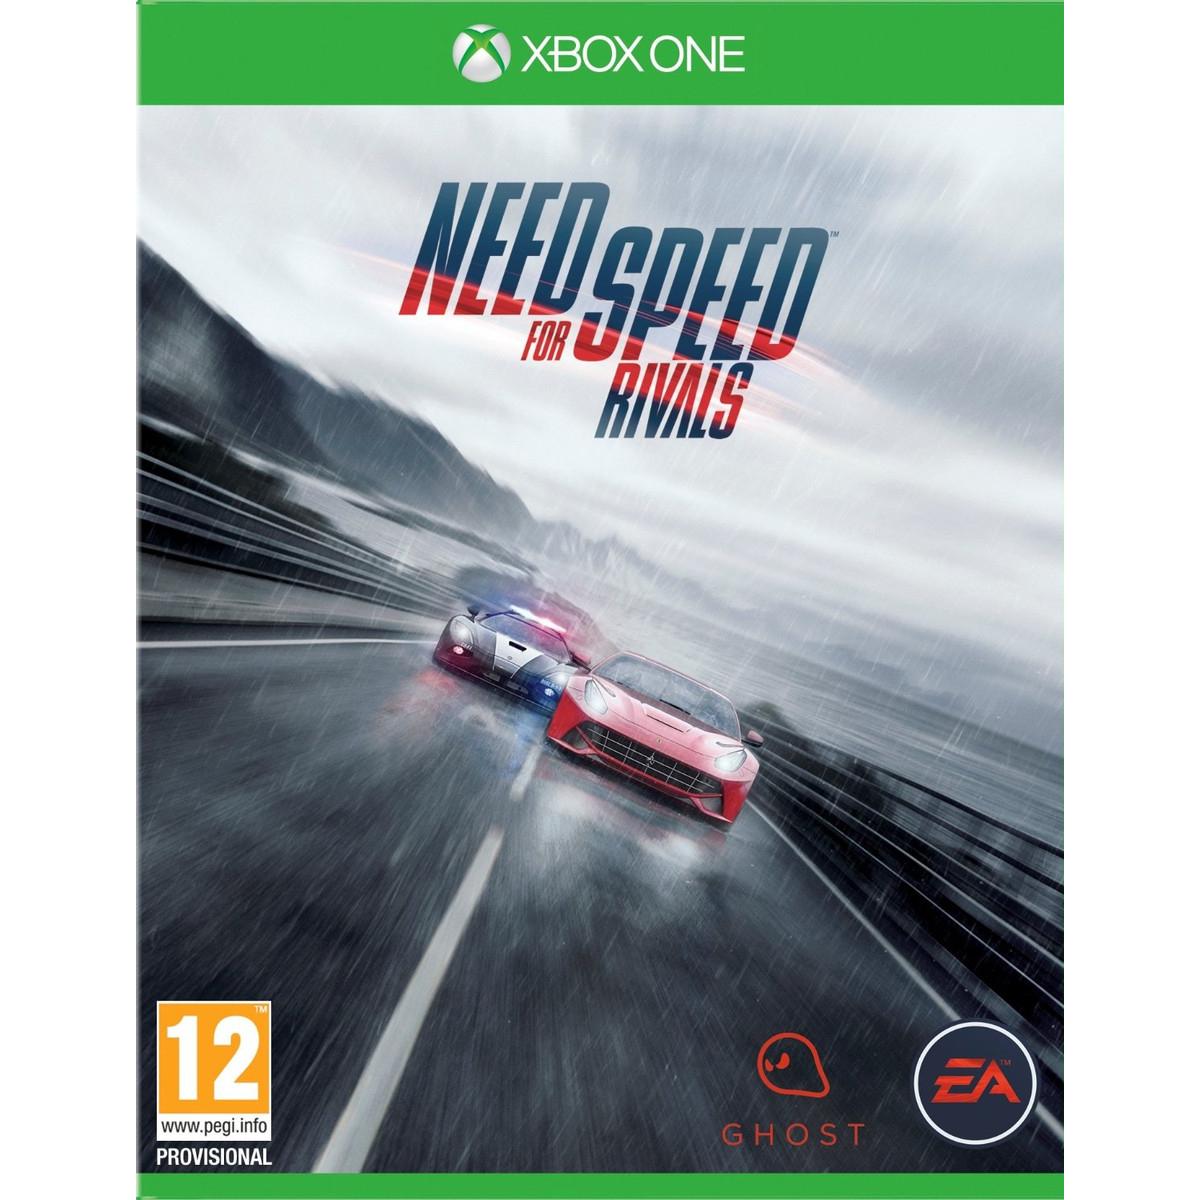 Sélection de Jeux Xbox One/PS4 à 19.99€ - Ex : Jeu Need For Speed Rivals sur  Xbox One